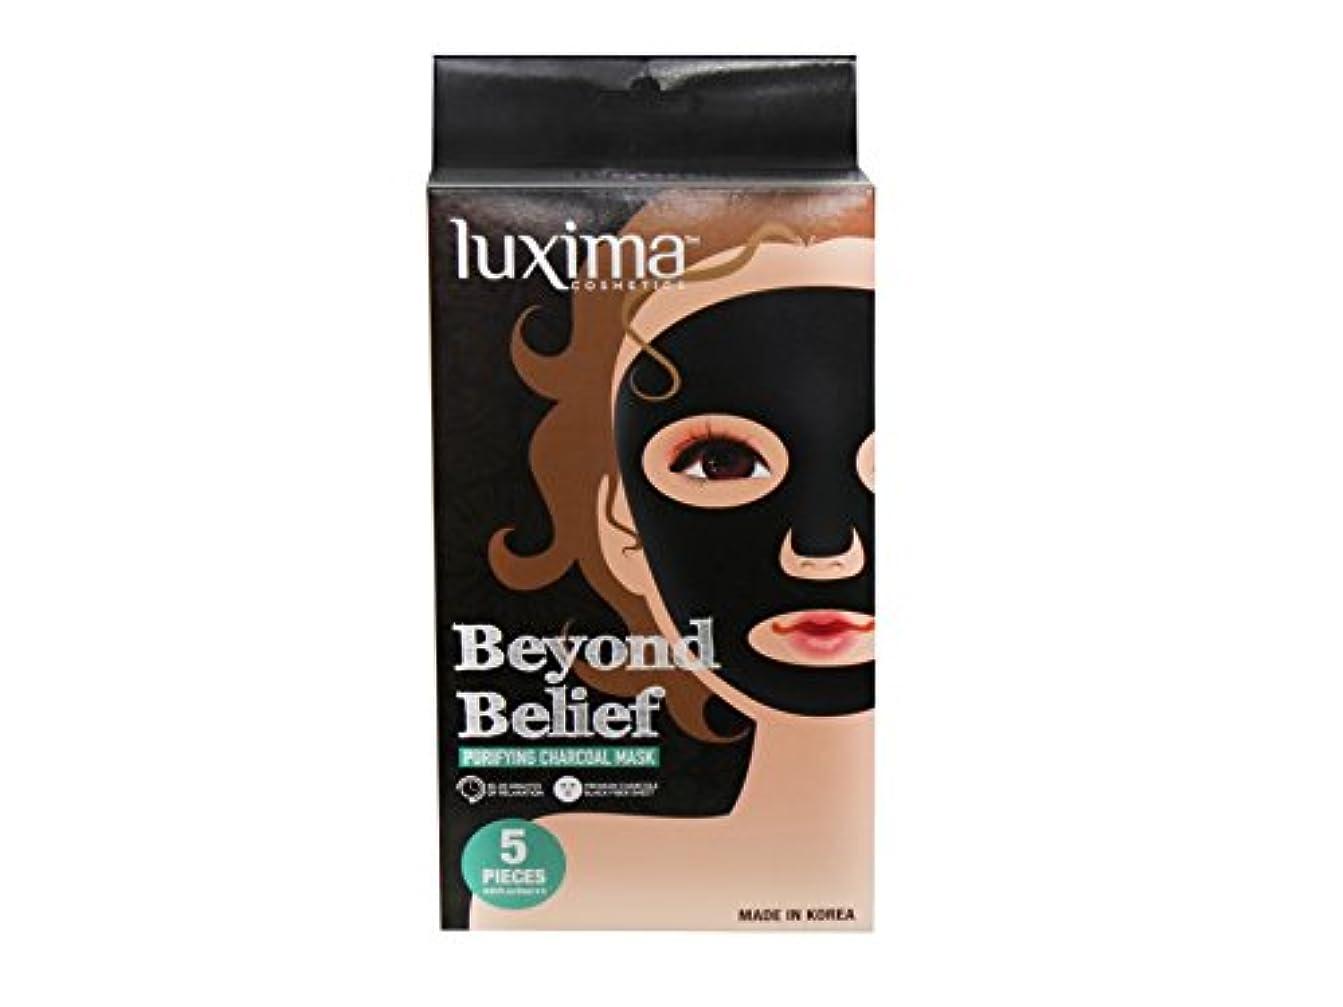 くちばしミンチプロトタイプLUXIMA Beyond Belief Purifying Charcoal Mask, Pack of 5 (並行輸入品)